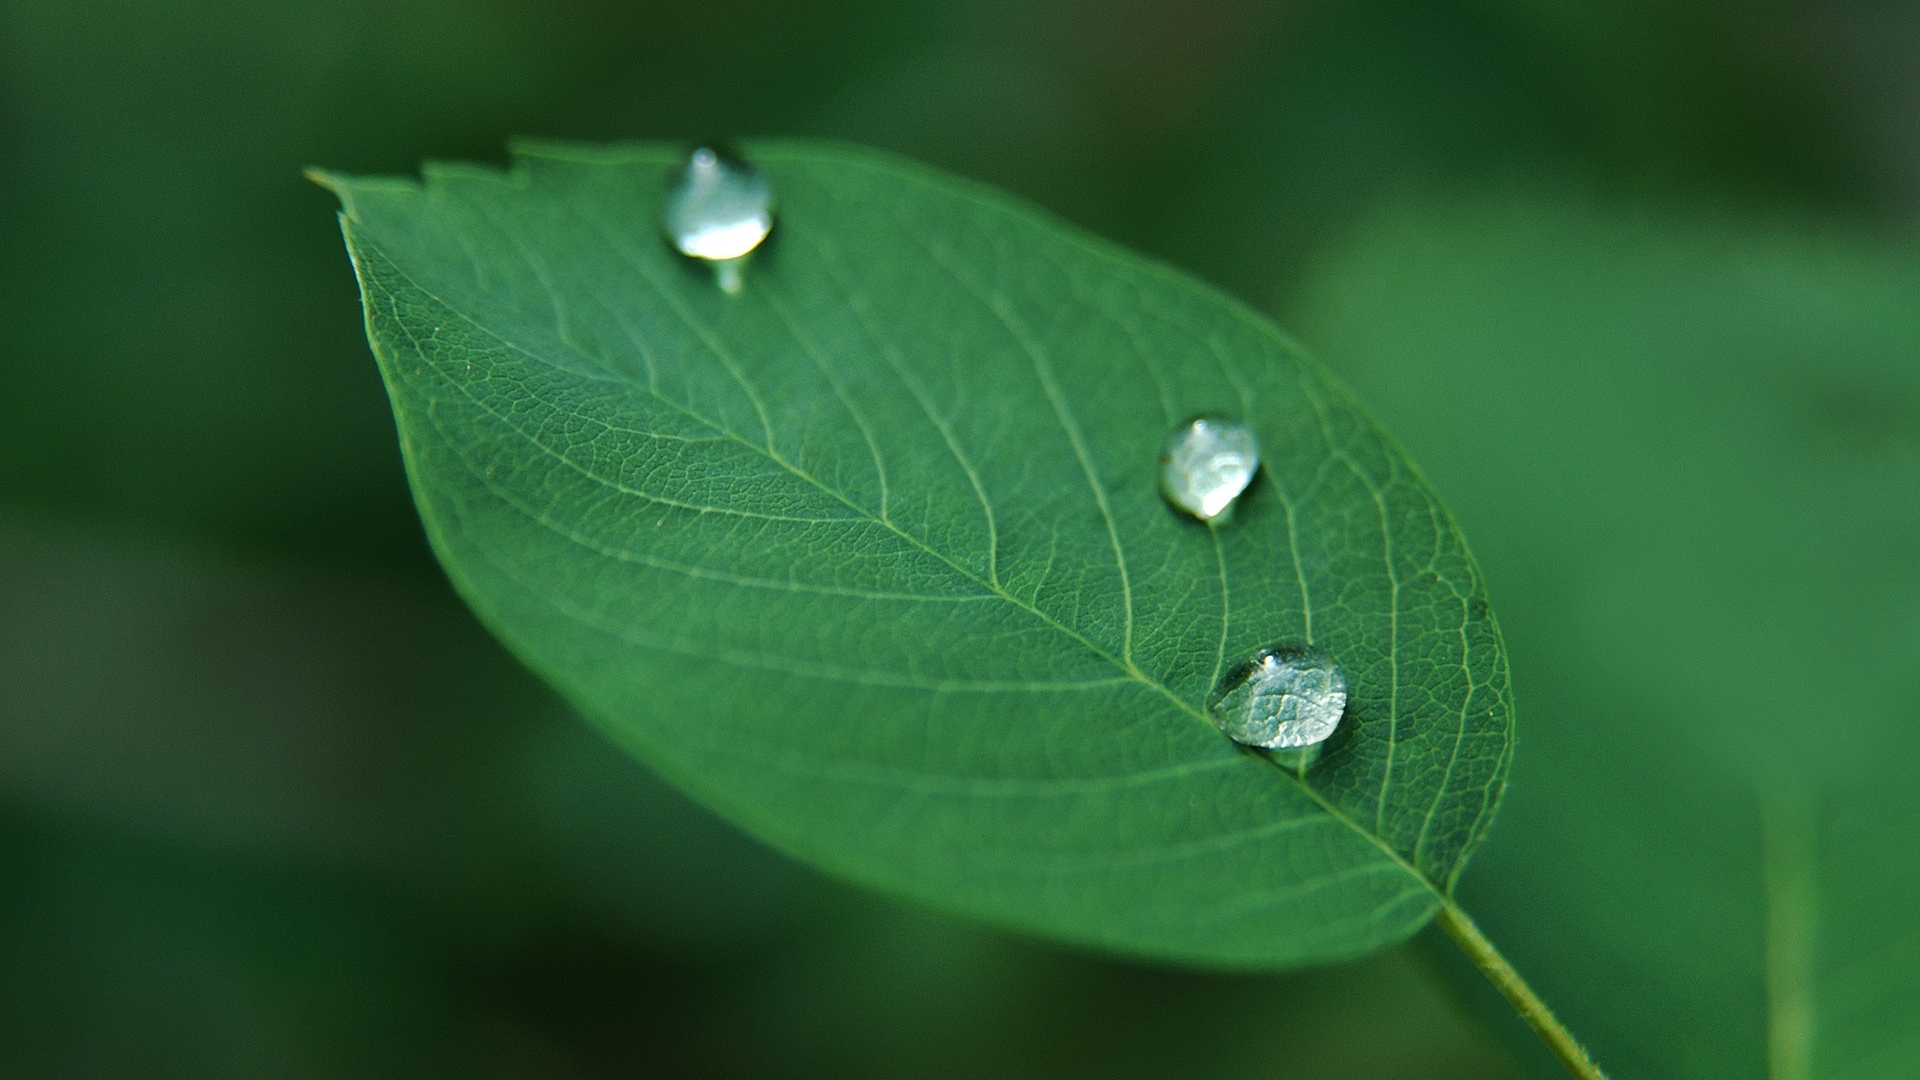 Ảnh nền lá cây và giọt nước